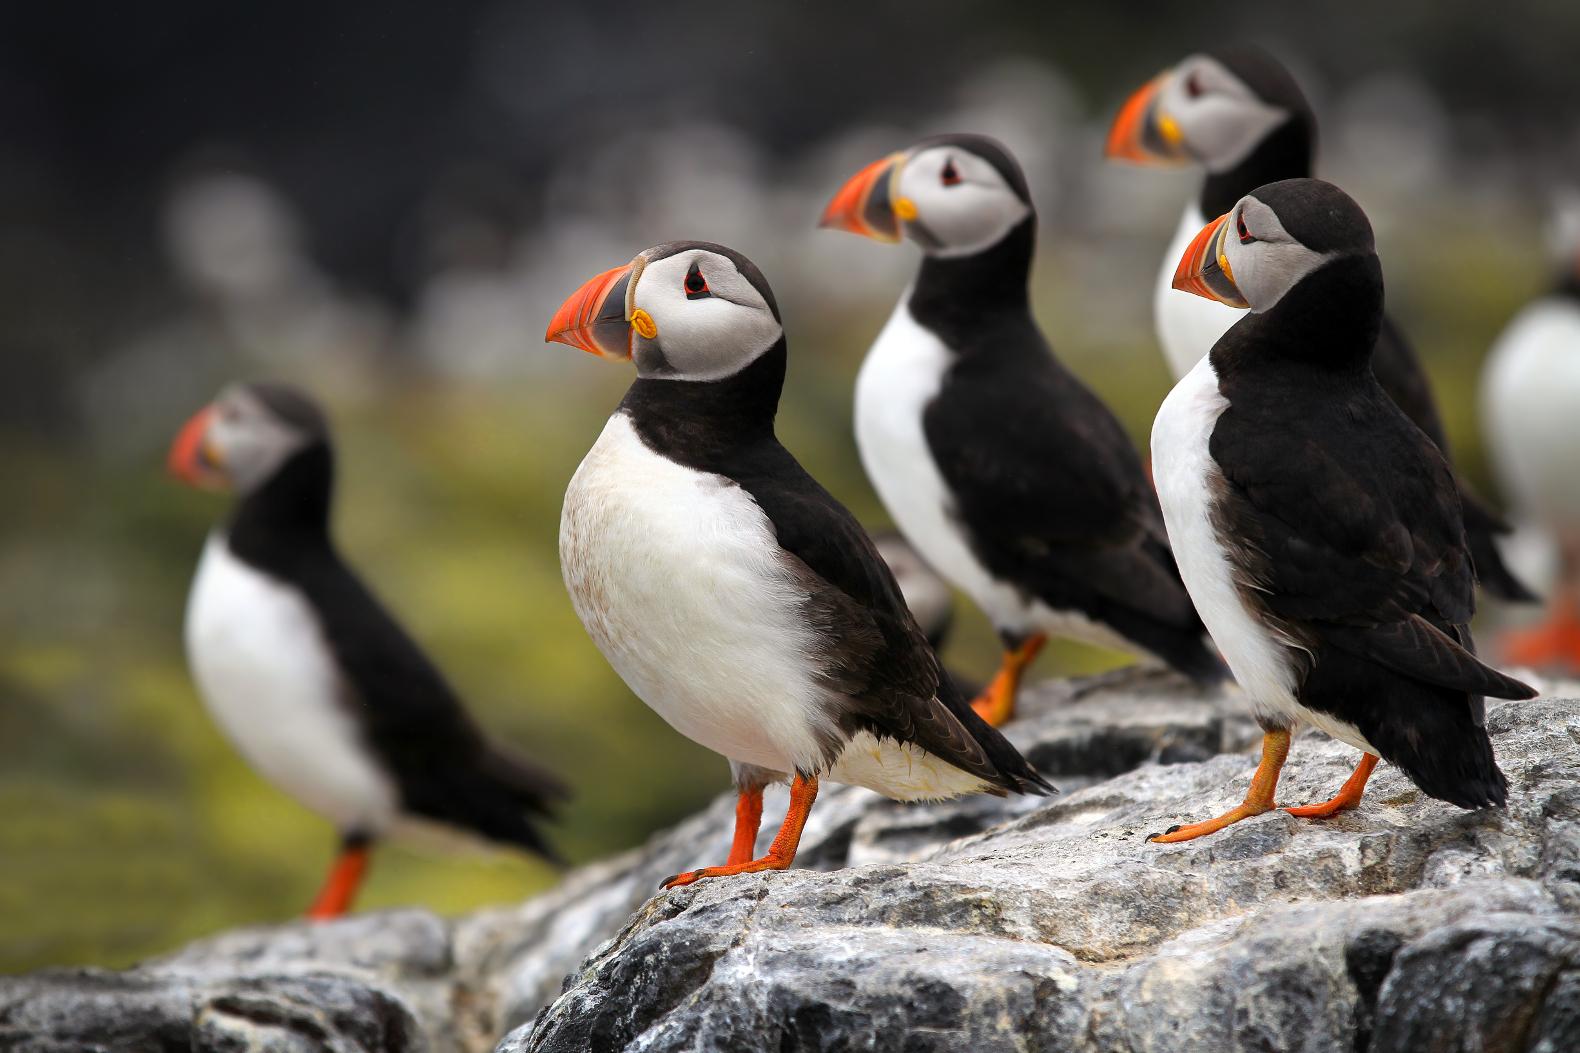 Исландия - одна из немногочисленных стран, где турист может увидеть арктических паффинов, или тупиков, в естественной среде.